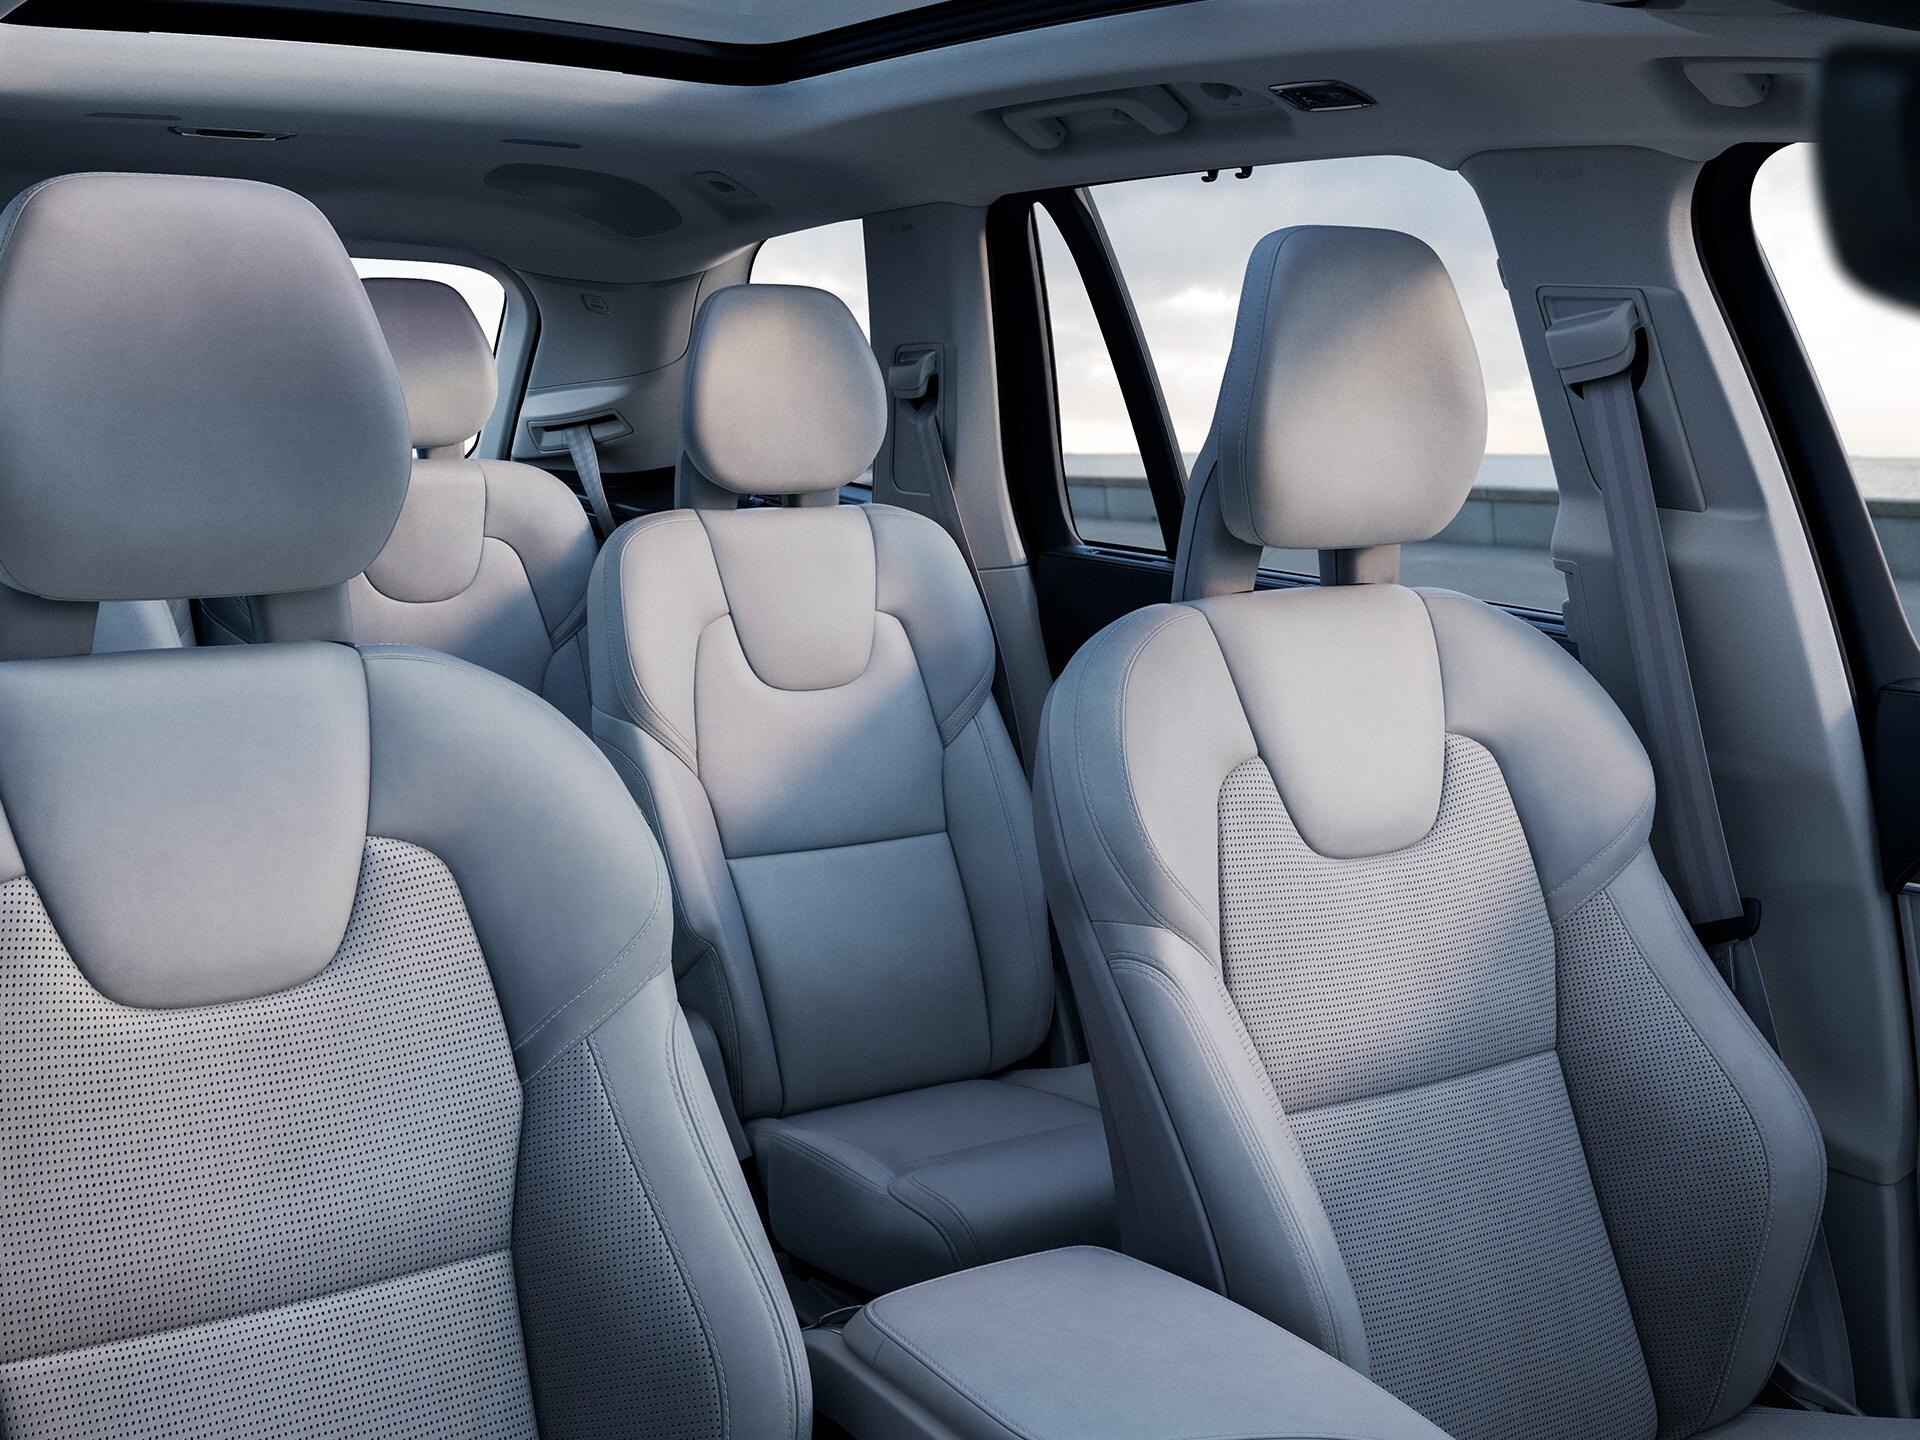 Interieur van een Volvo SUV met drie zitrijen met lichtkleurige zetelbekleding